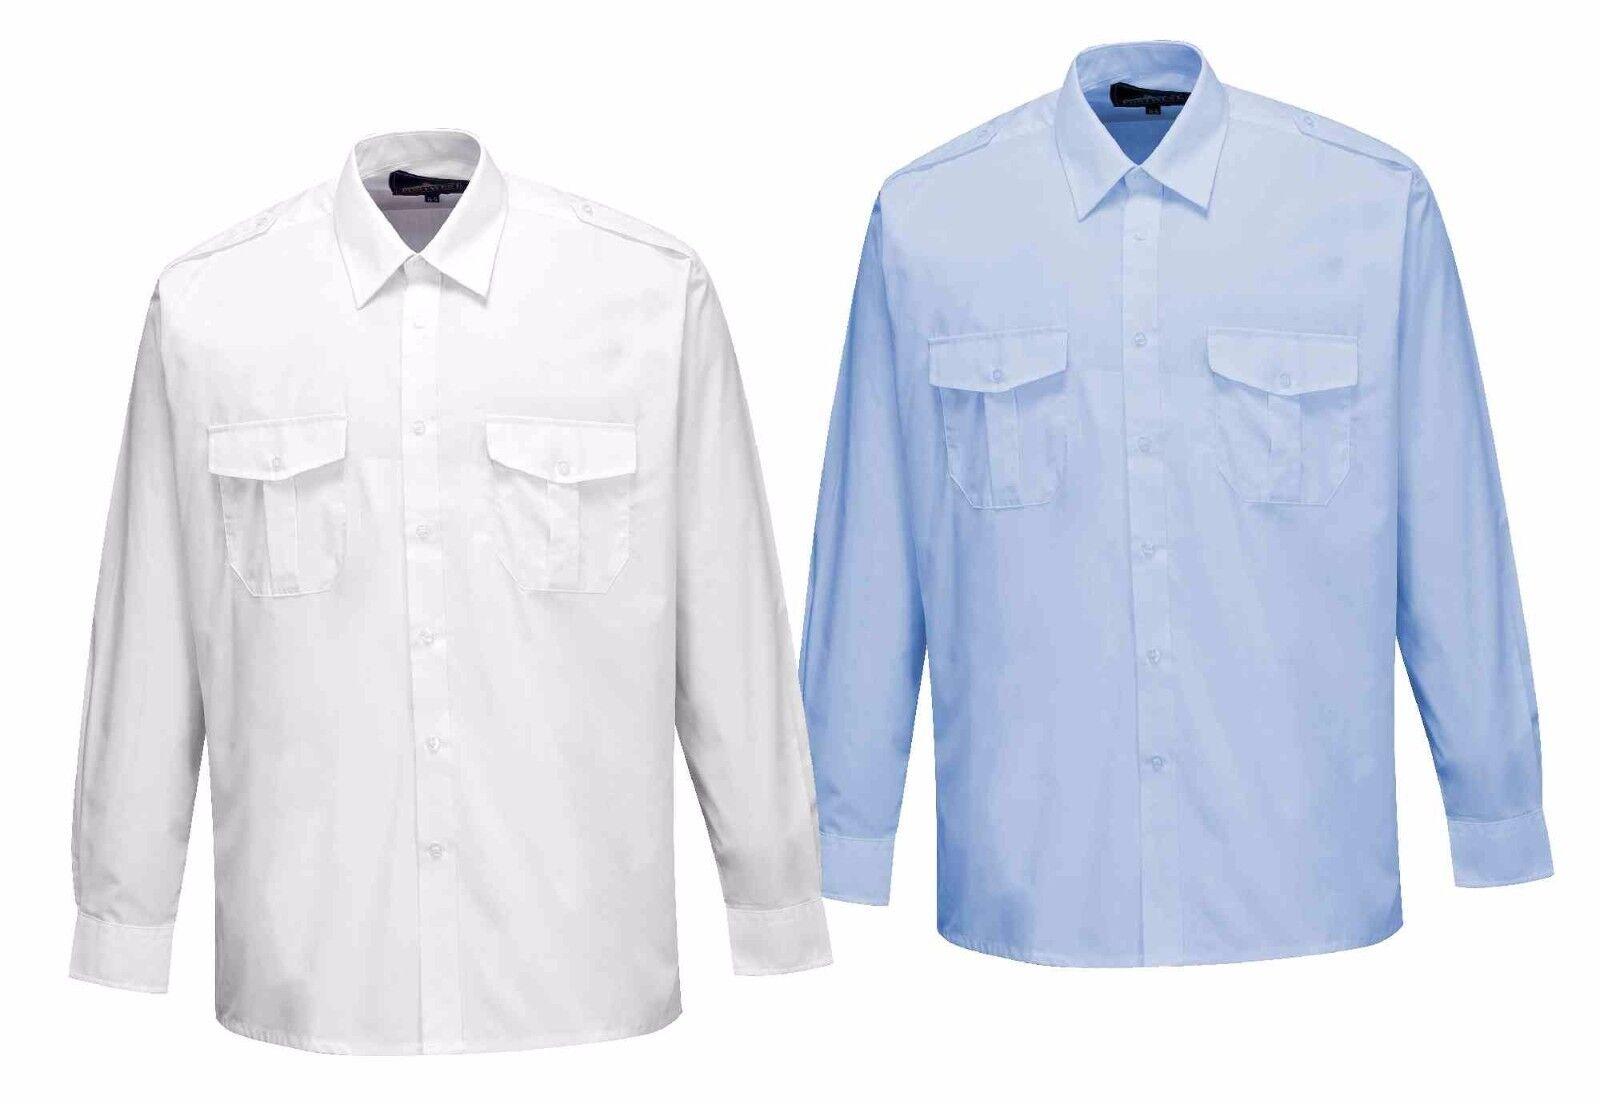 Portwest S102 Men Men Men Pilot Shirt Long Sleeve Epaulette Polycotton Uniforms Workwear | Neue Produkte im Jahr 2019  | Ausgezeichneter Wert  557a23